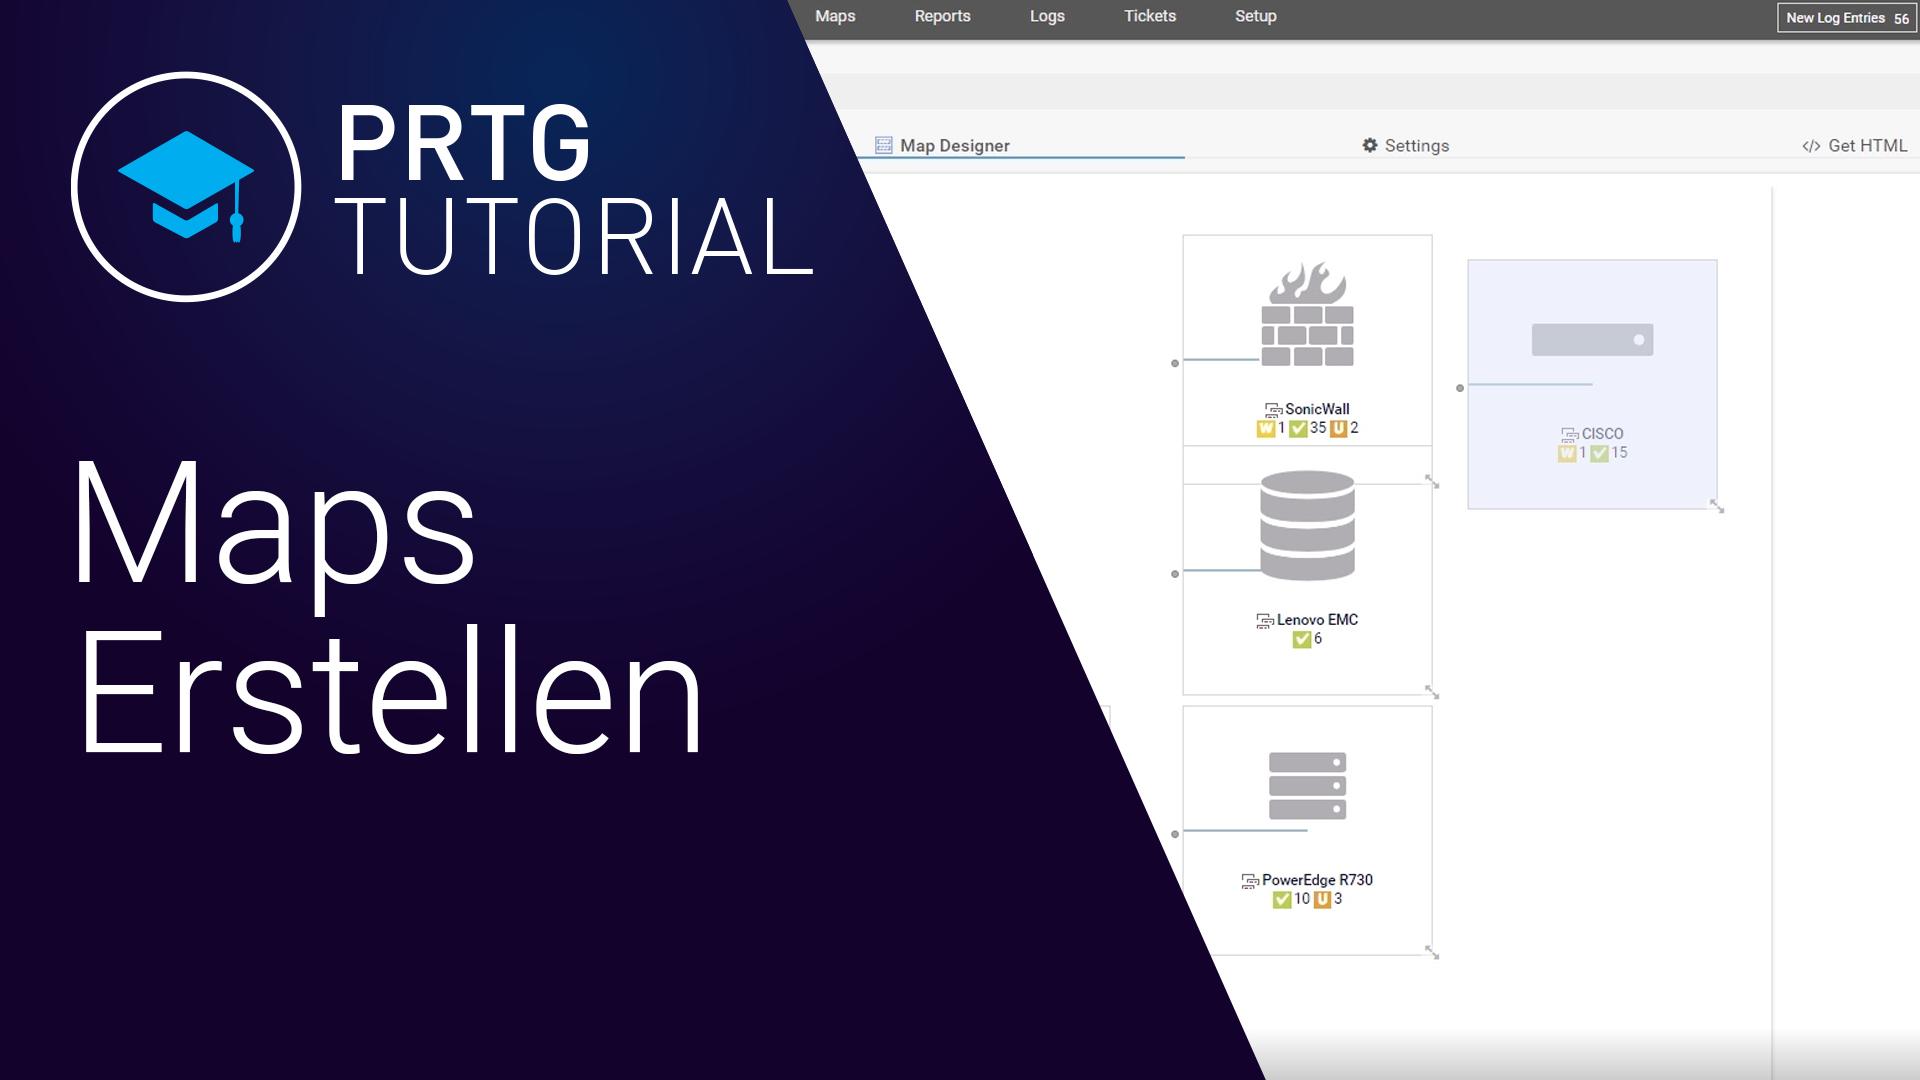 PRTG Network Monitor - Maps erstellen (Videos)